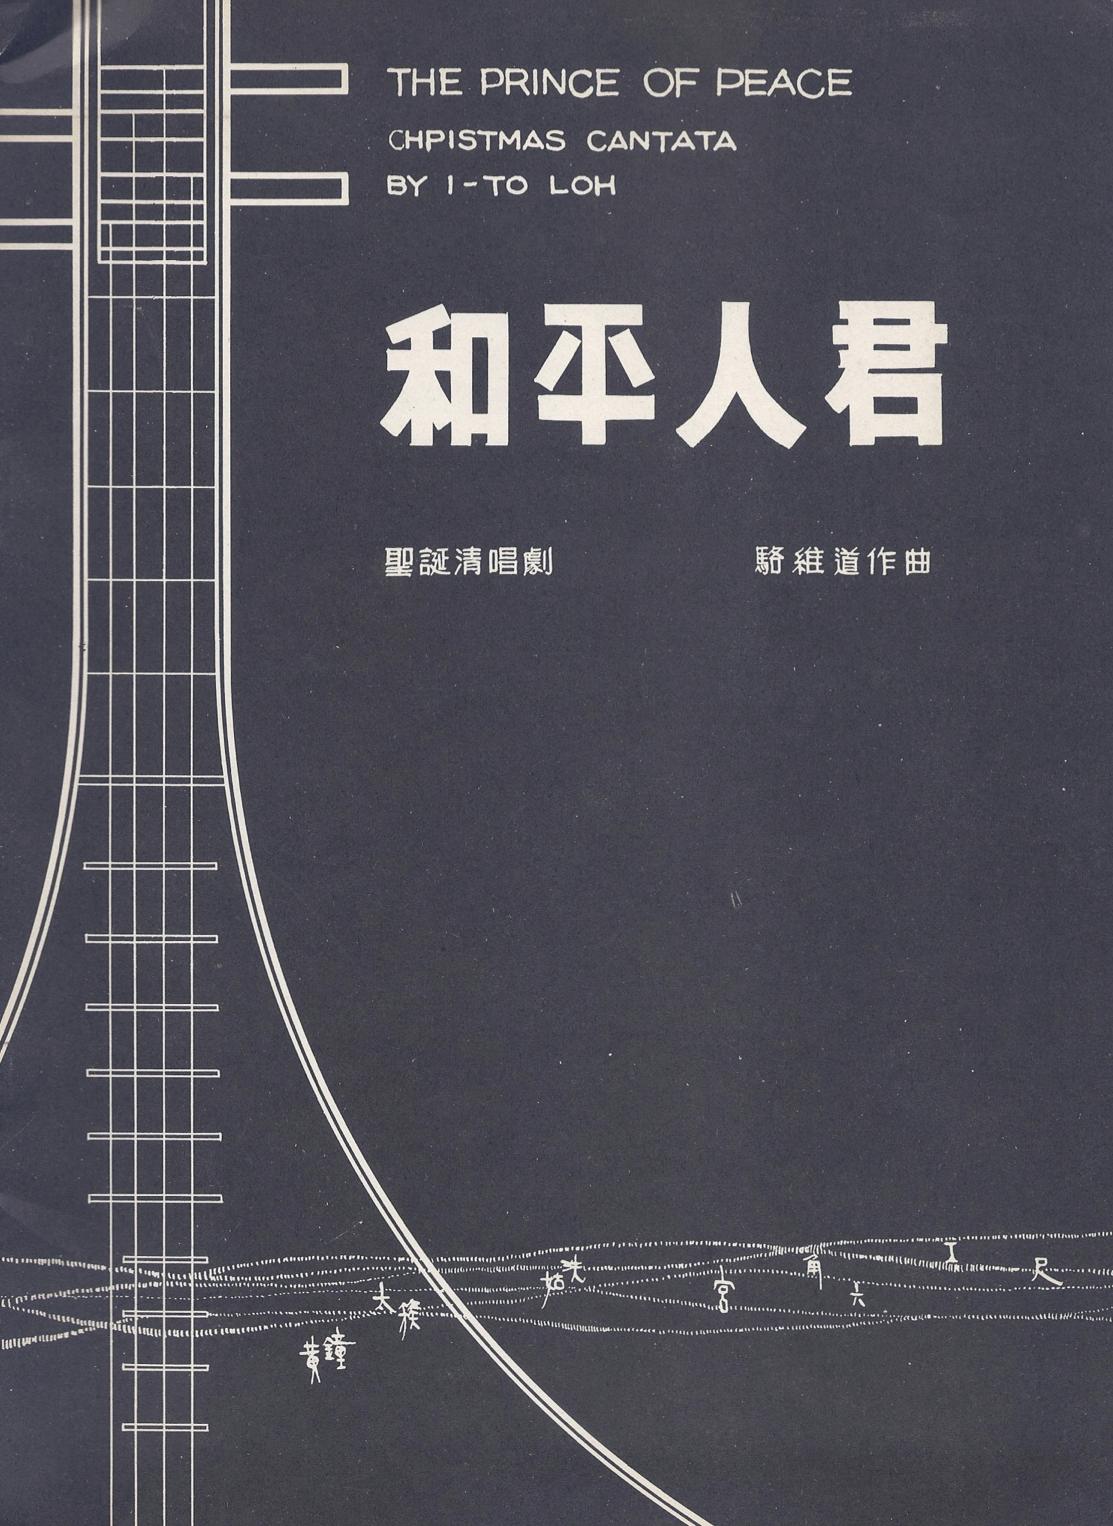 1967_和平人君.jpg